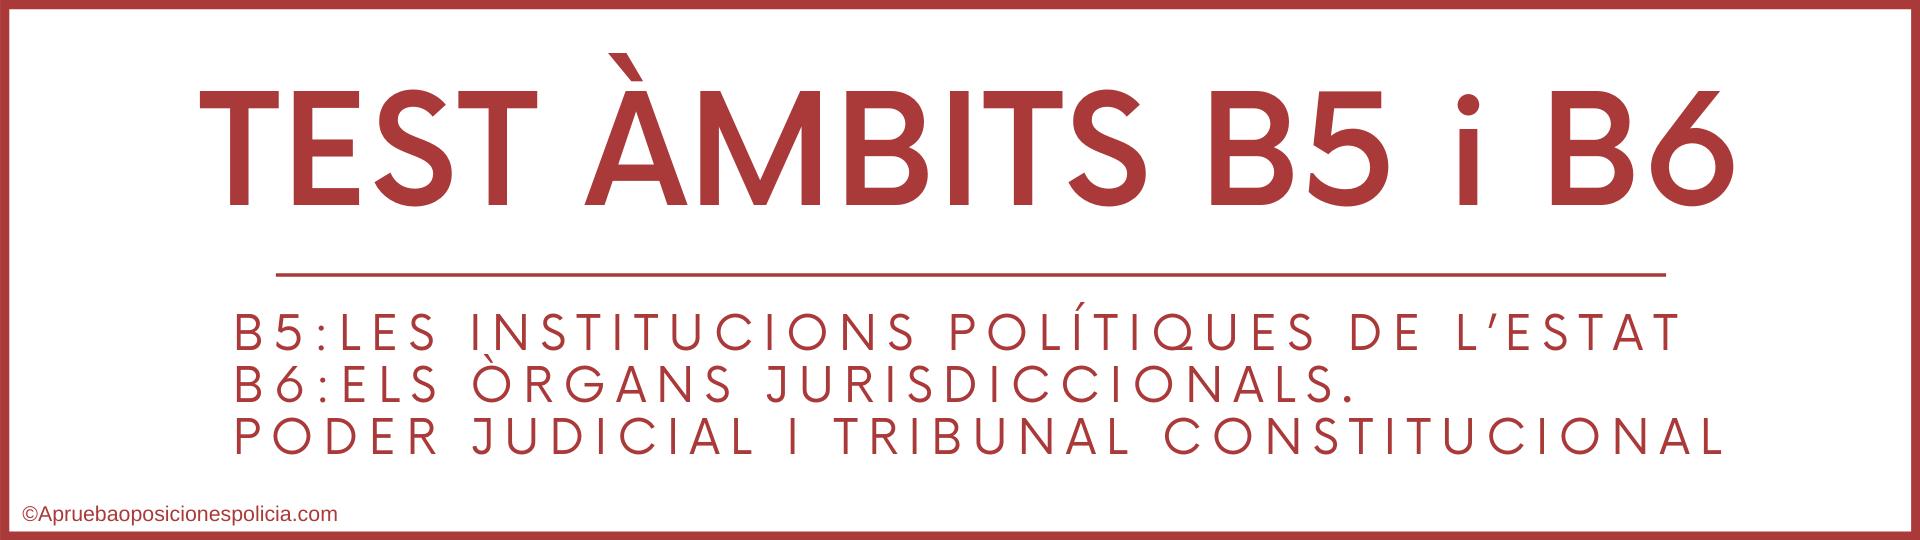 Test b5 y b6 Mossos institucions politiques estat i organs jurisdiccionals tribunal constitucional